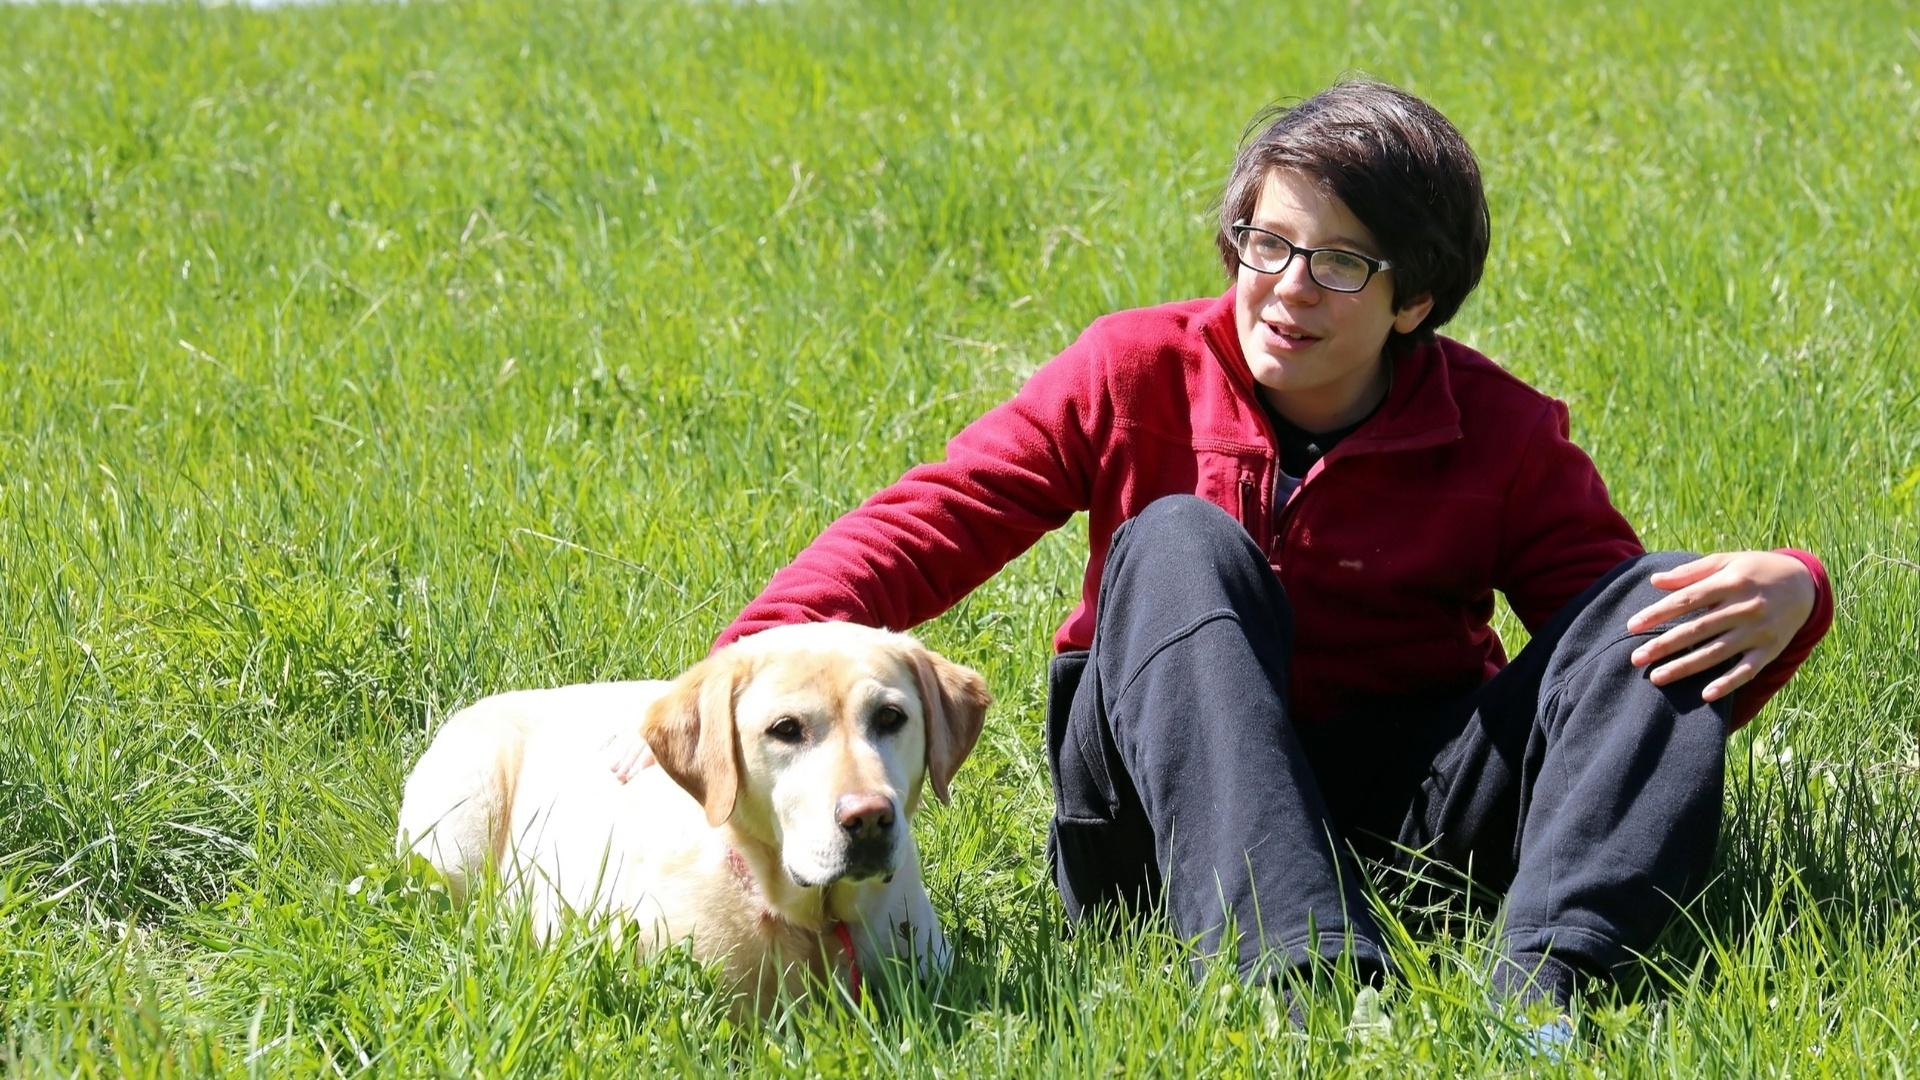 Juez reconoce Incapacidad absoluta por síndrome de Asperger y Trastorno Obsesivo Compulsivo